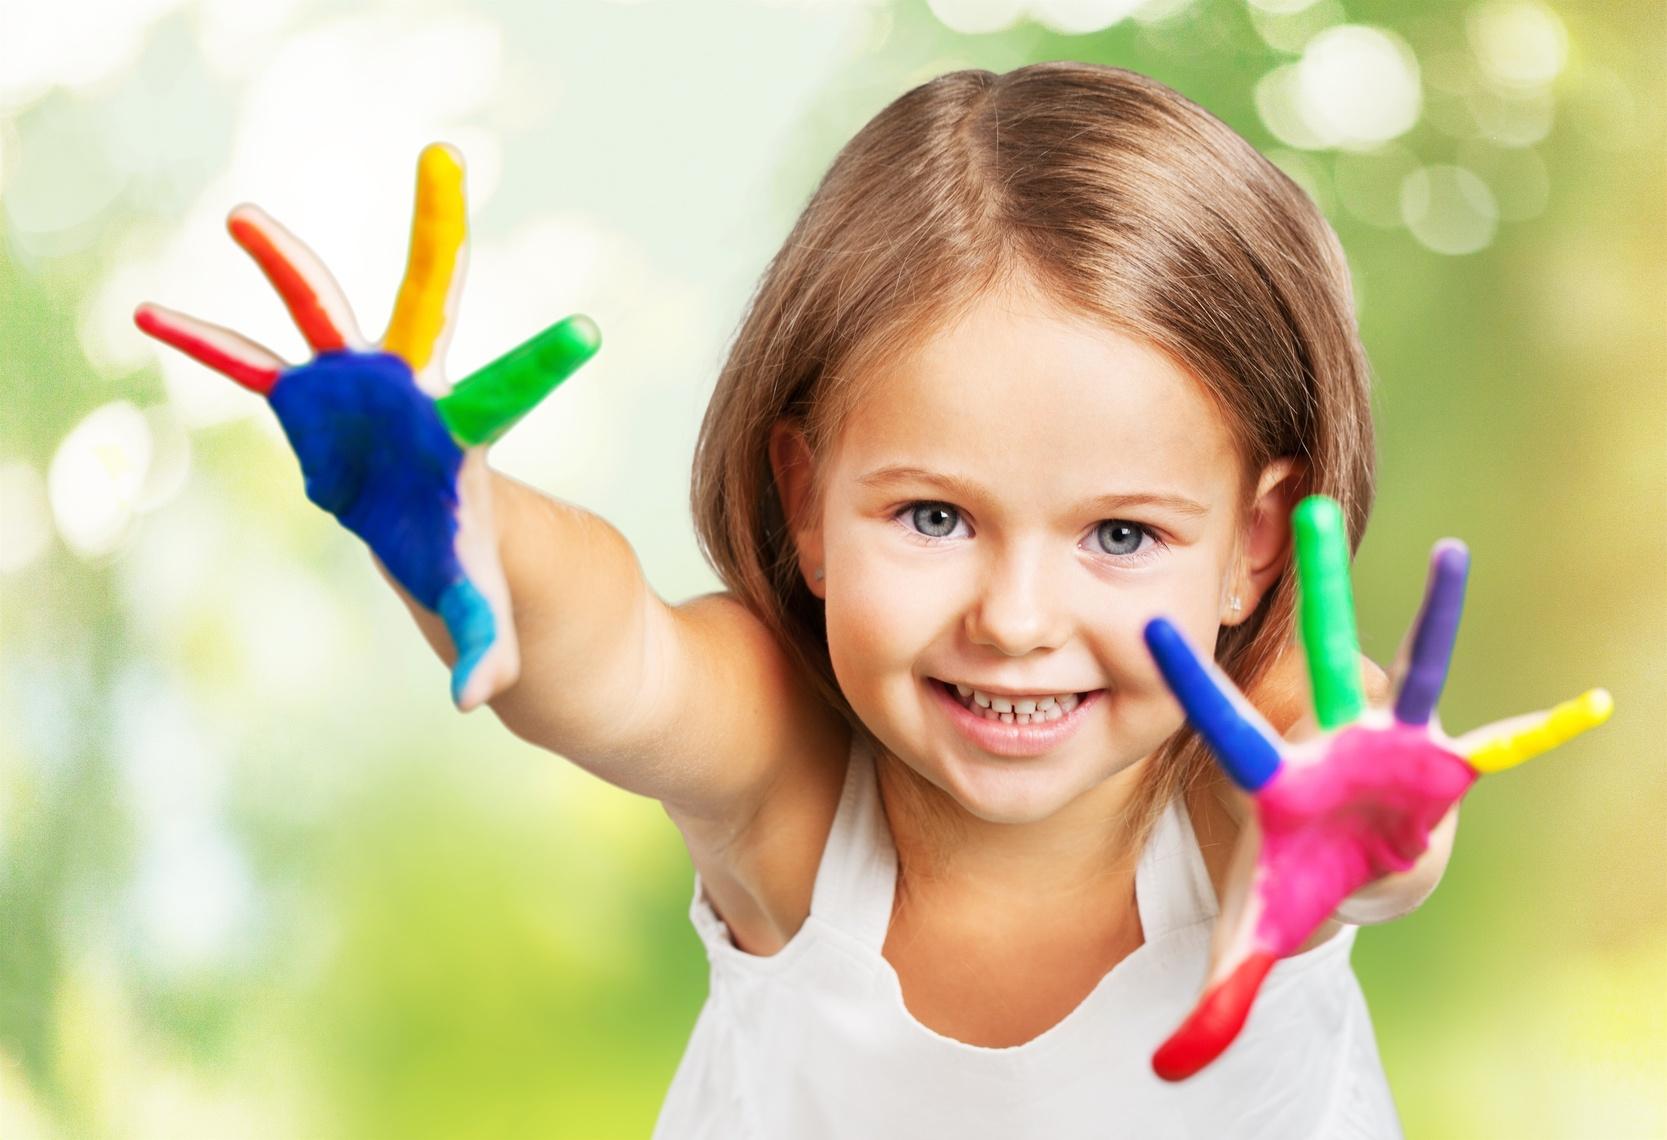 11 Jeux Pour Les Enfants De Moins De 3 Ans | Redcross-Edu pour Jeux Pour Un Enfant De 3 Ans